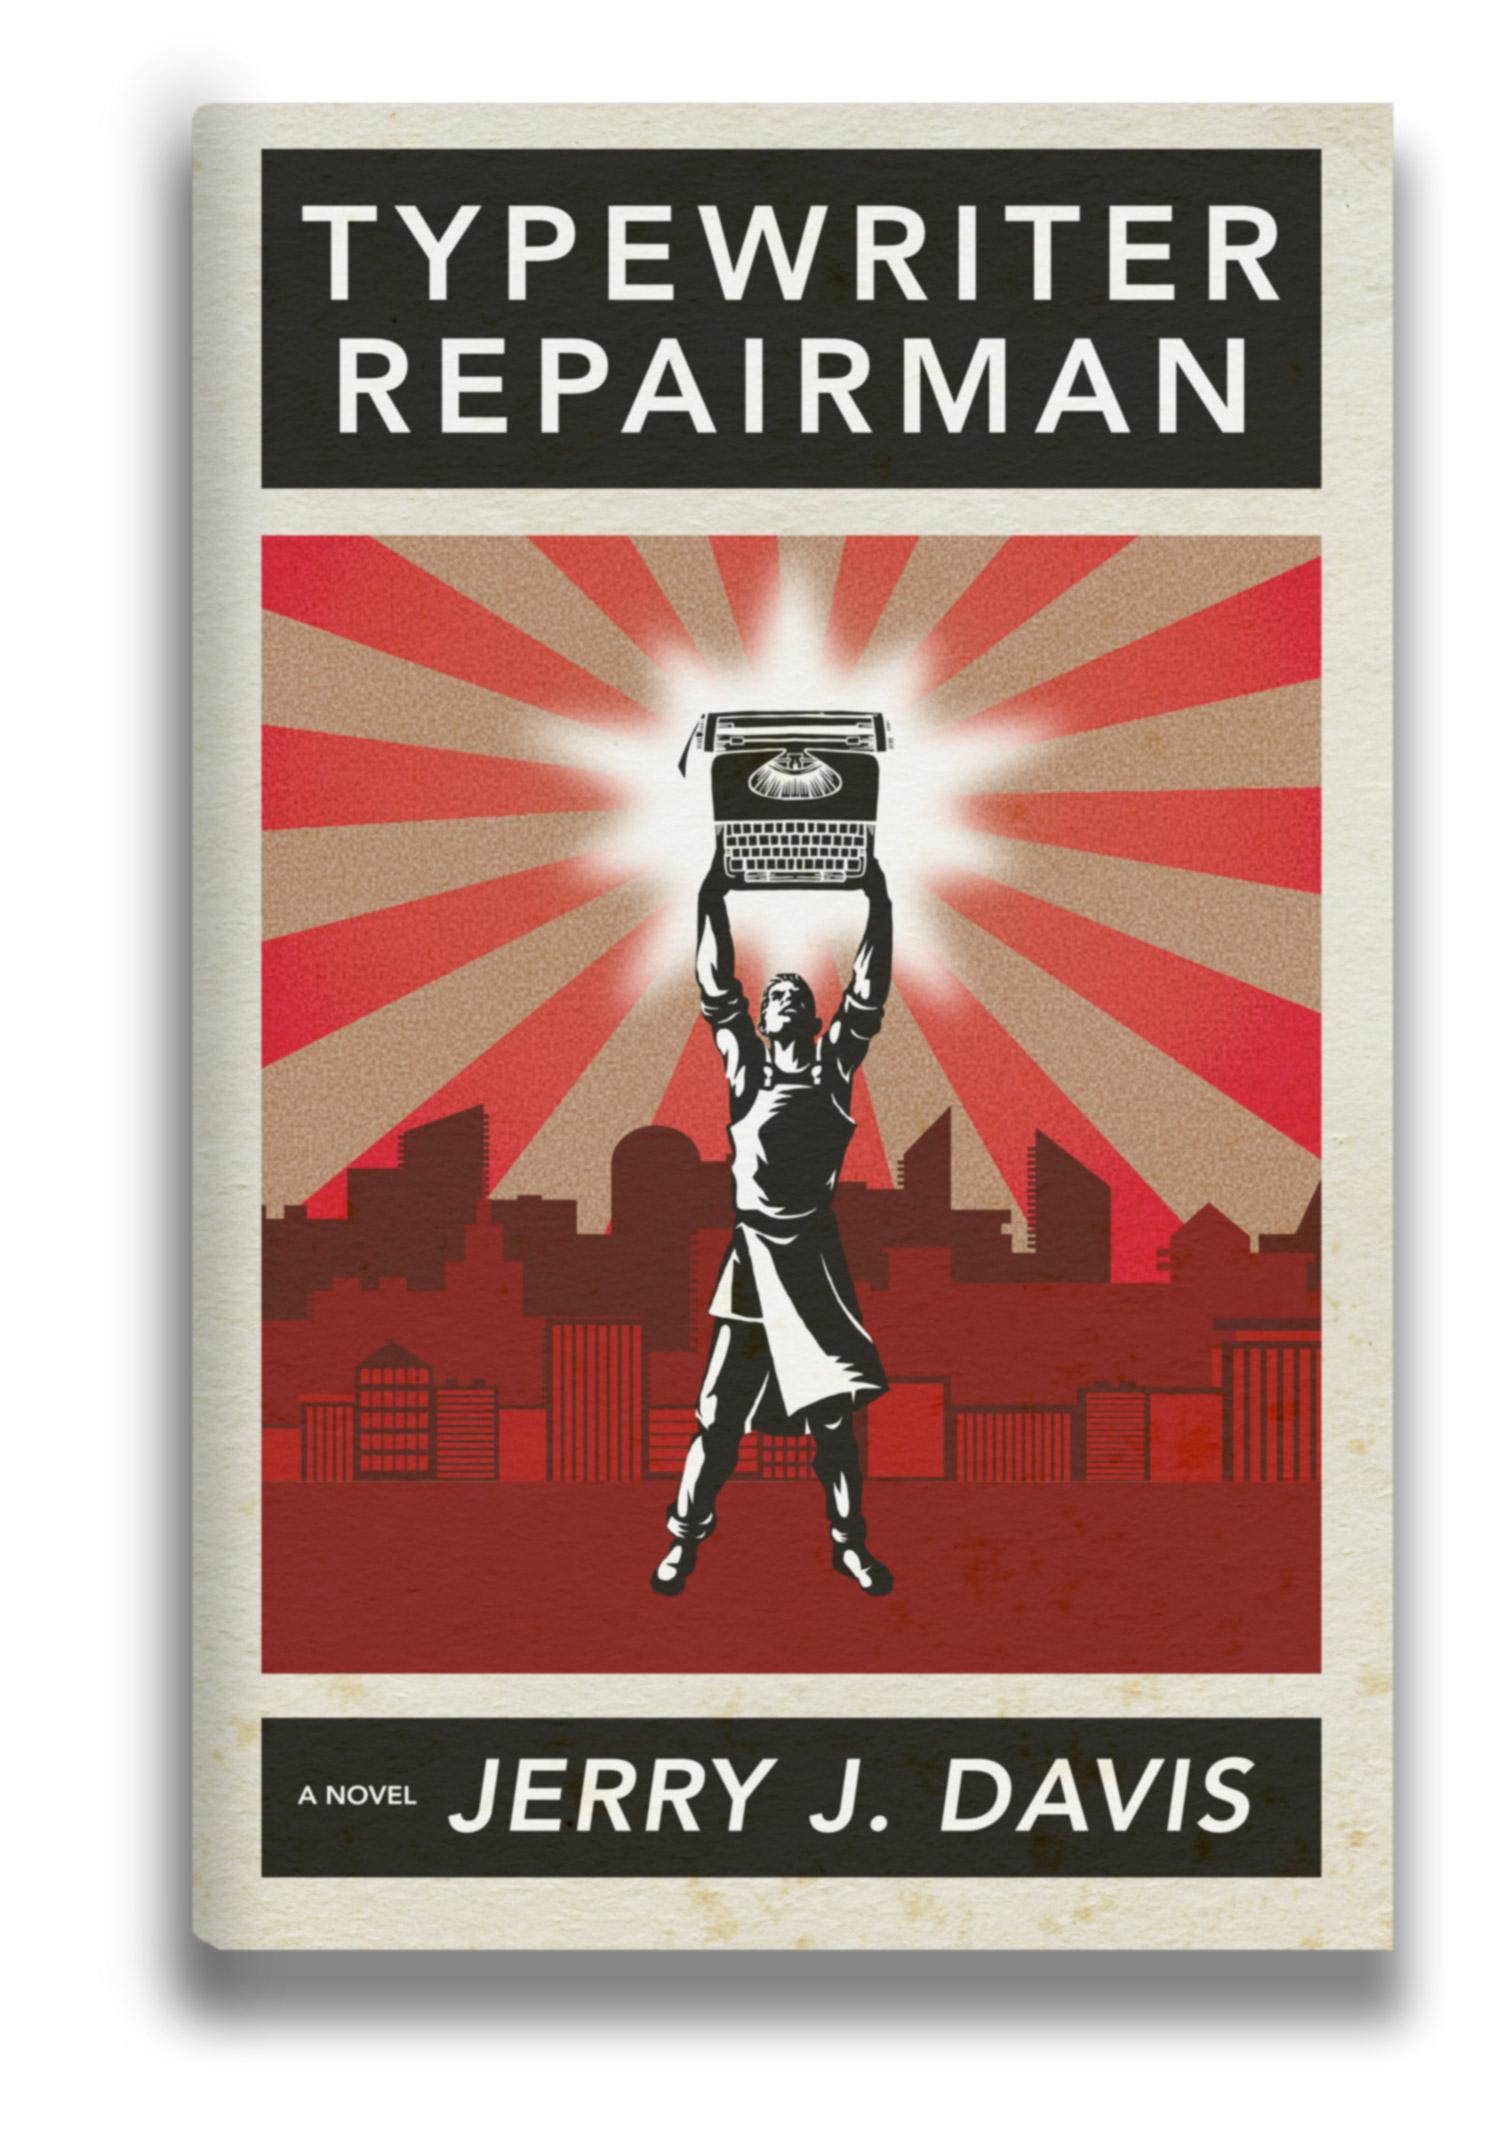 Typewriter Repairman